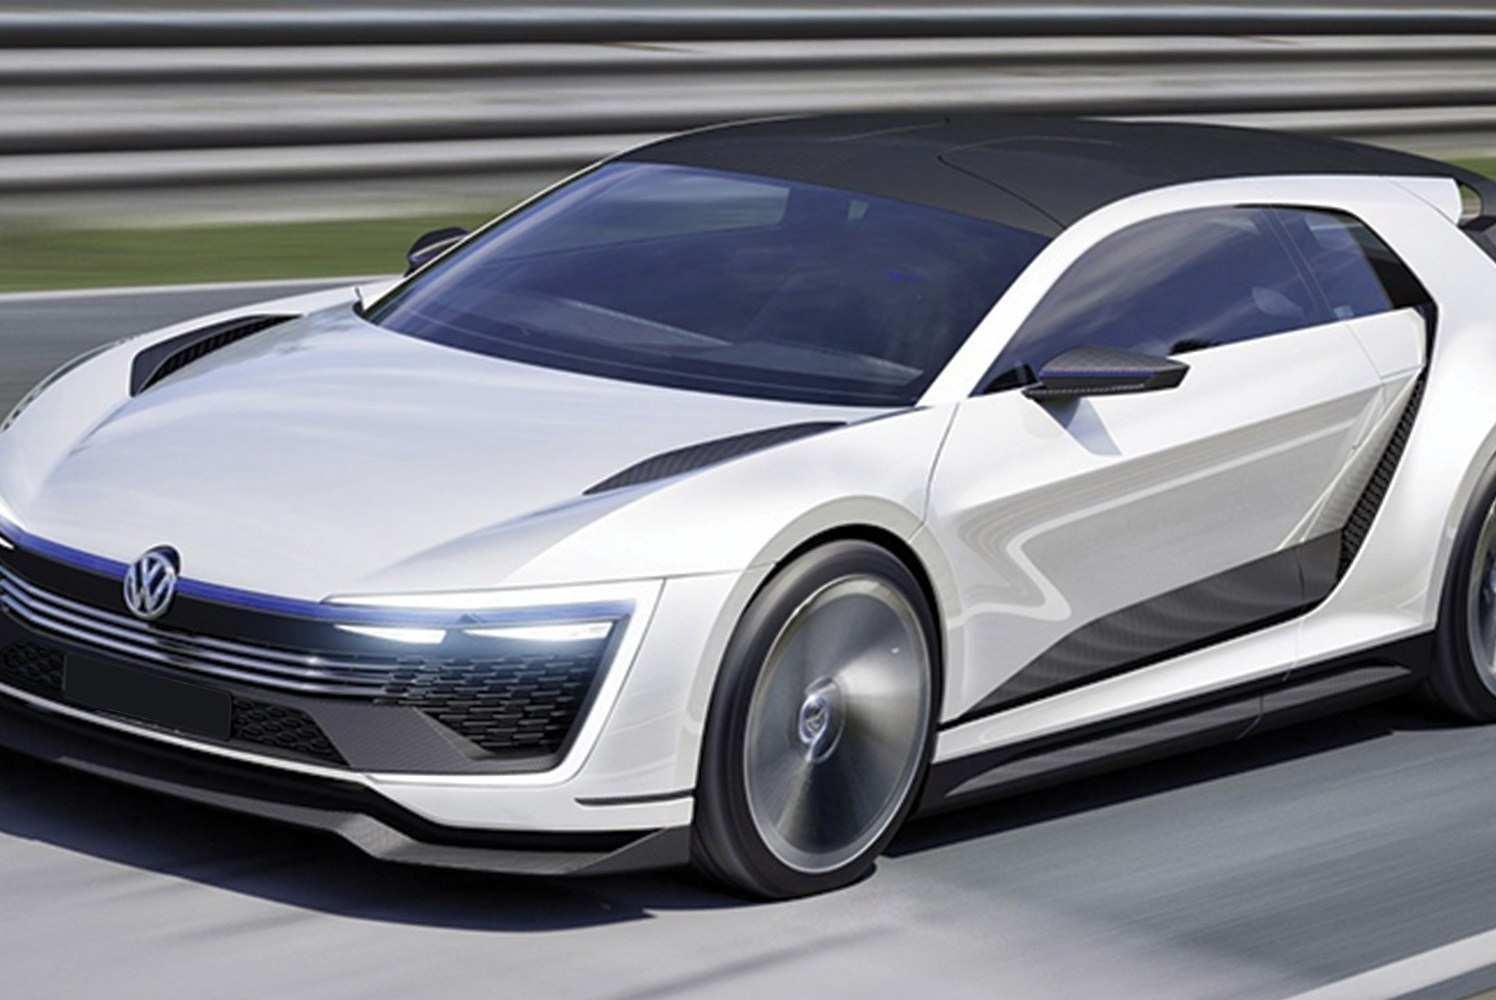 67 The Volkswagen Scirocco 2020 Picture with Volkswagen Scirocco 2020